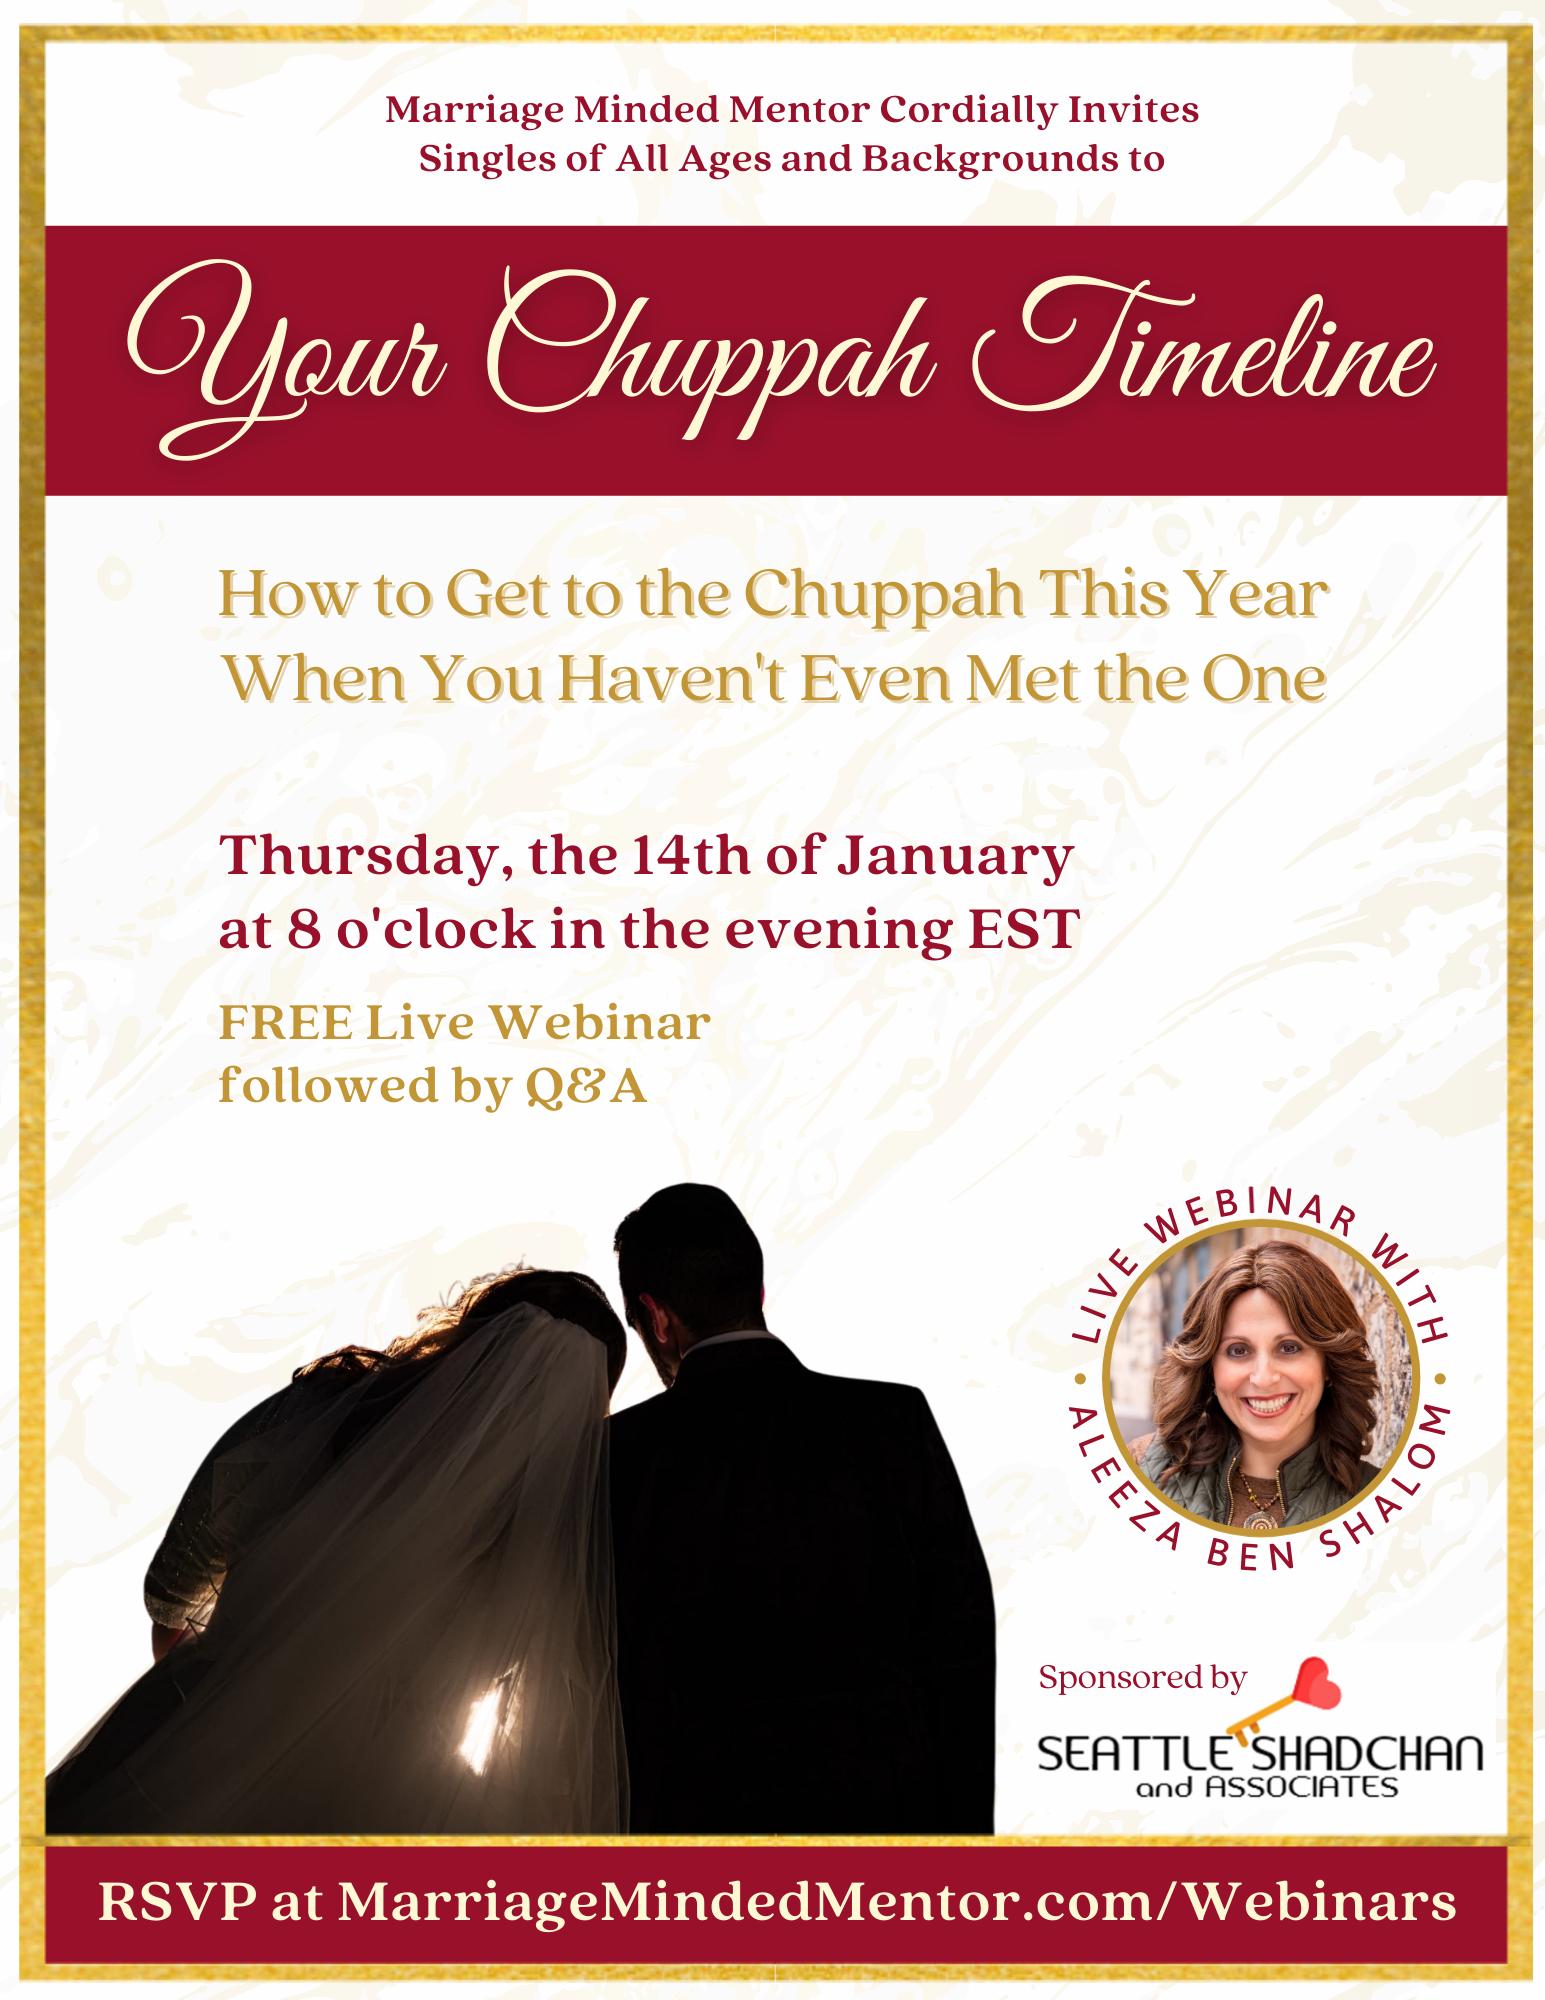 Your Chuppah Timeline